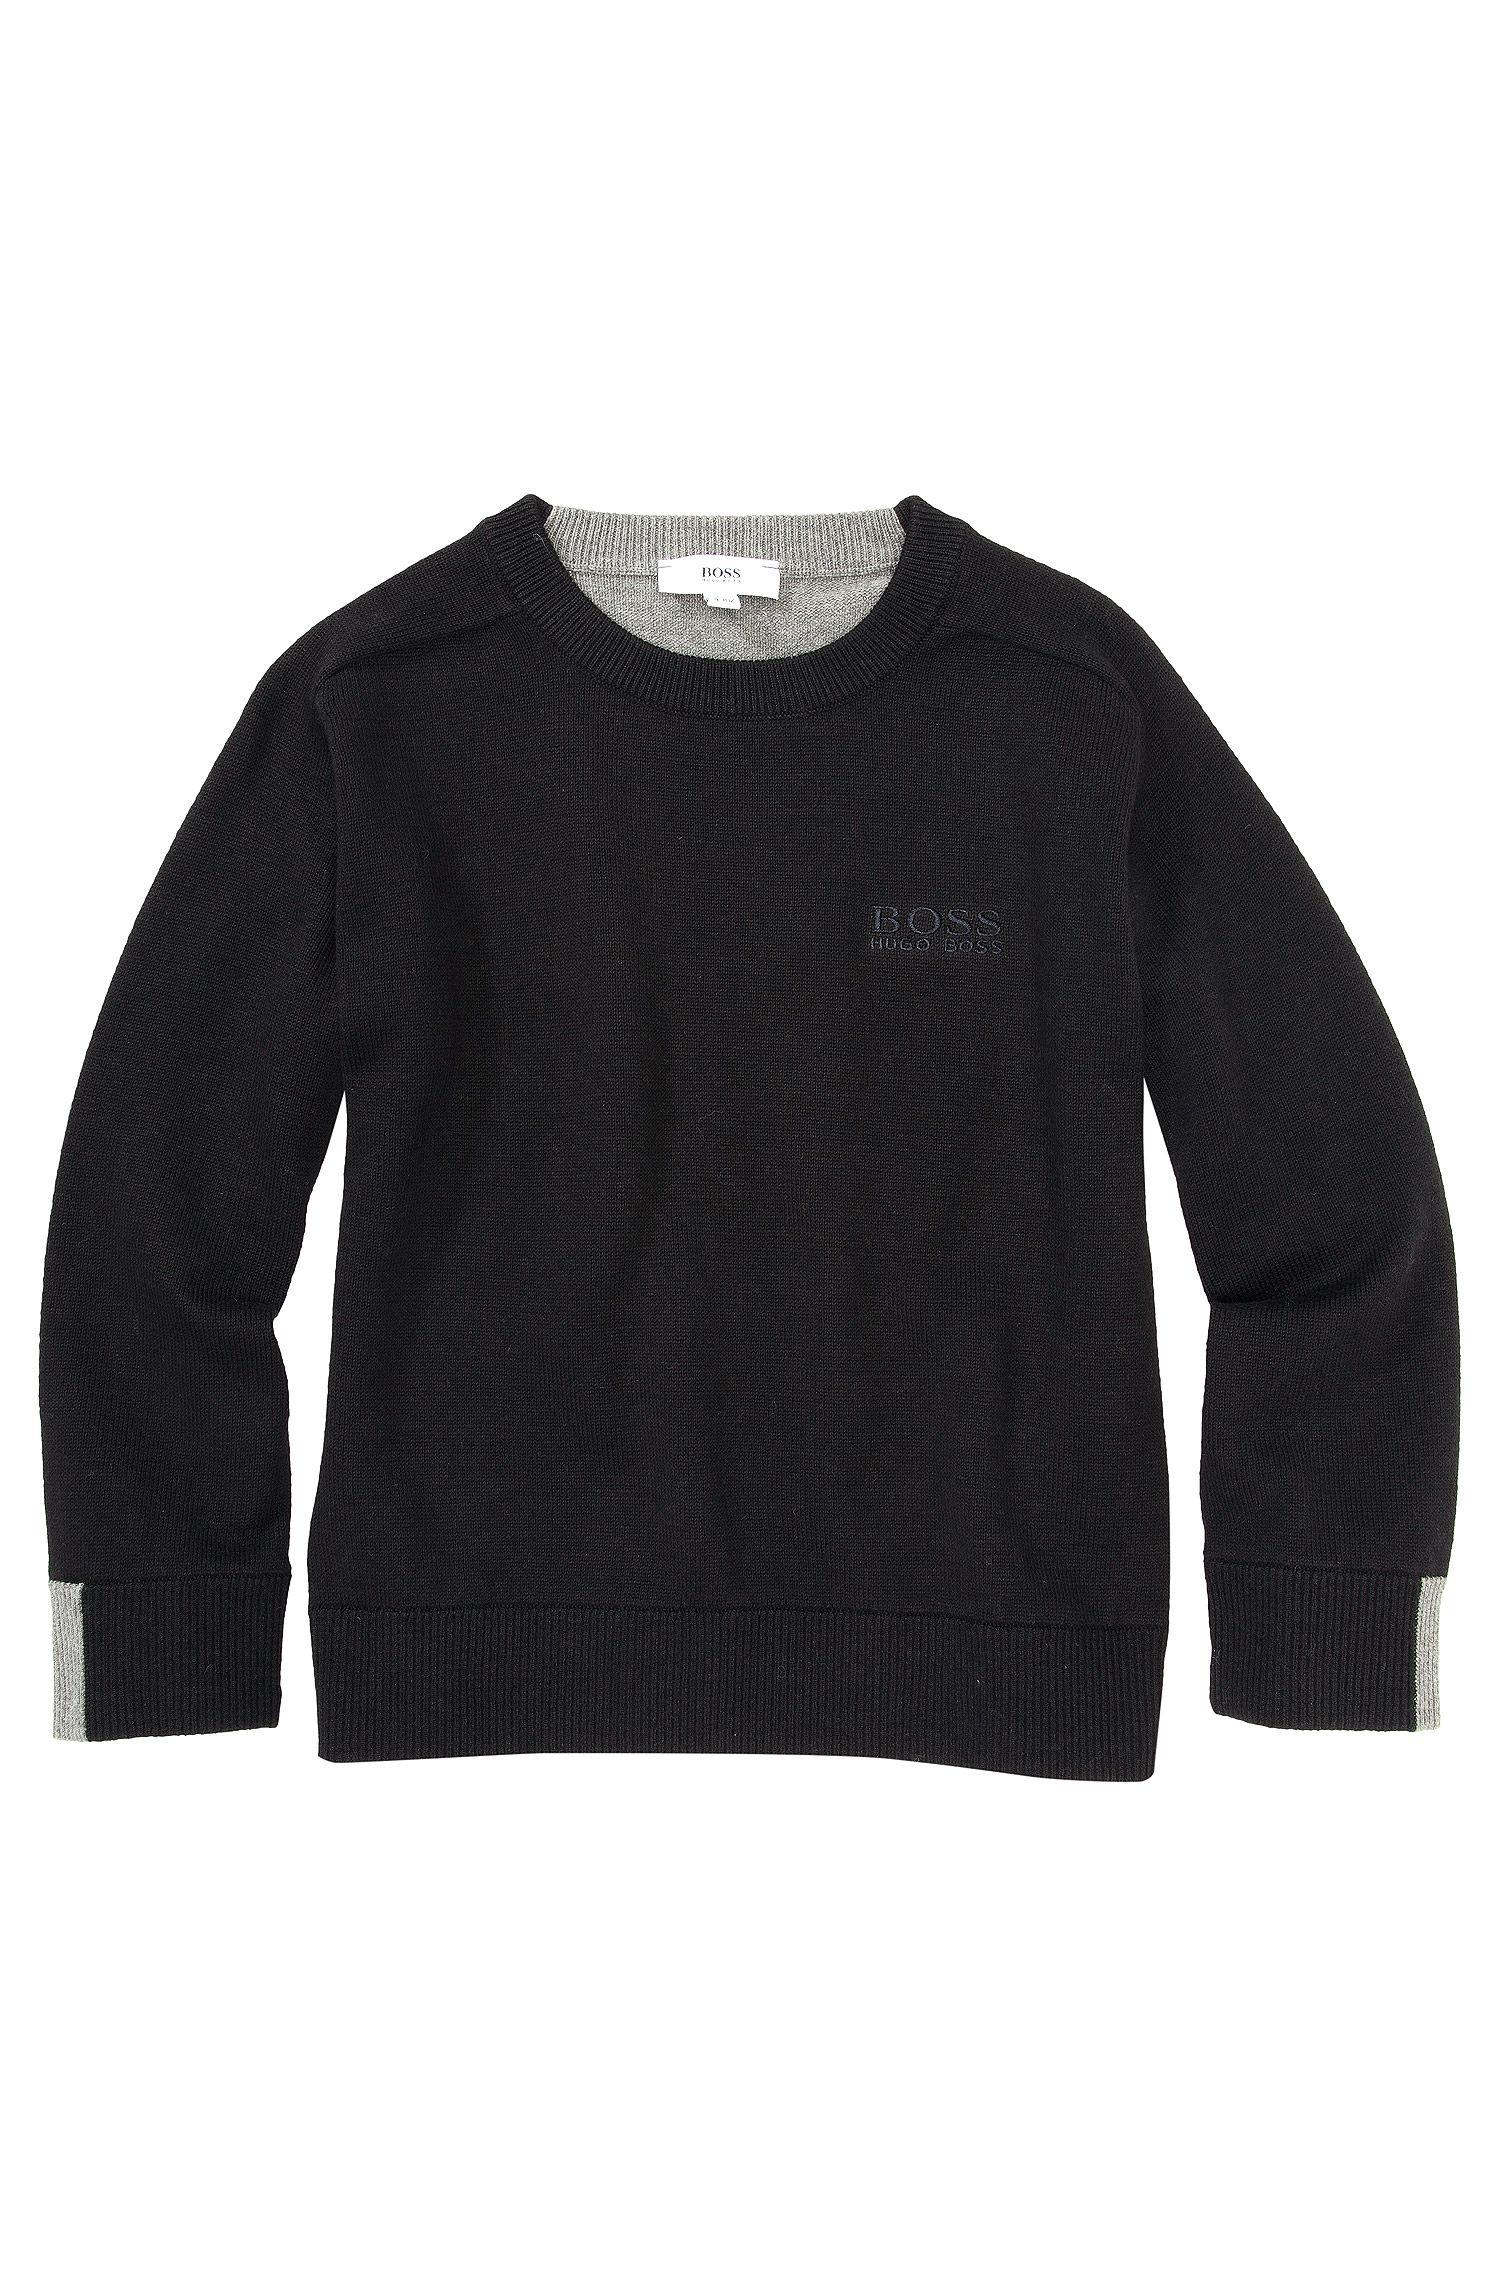 Kids-Pullover ´J25715` aus Baumwoll-Mix